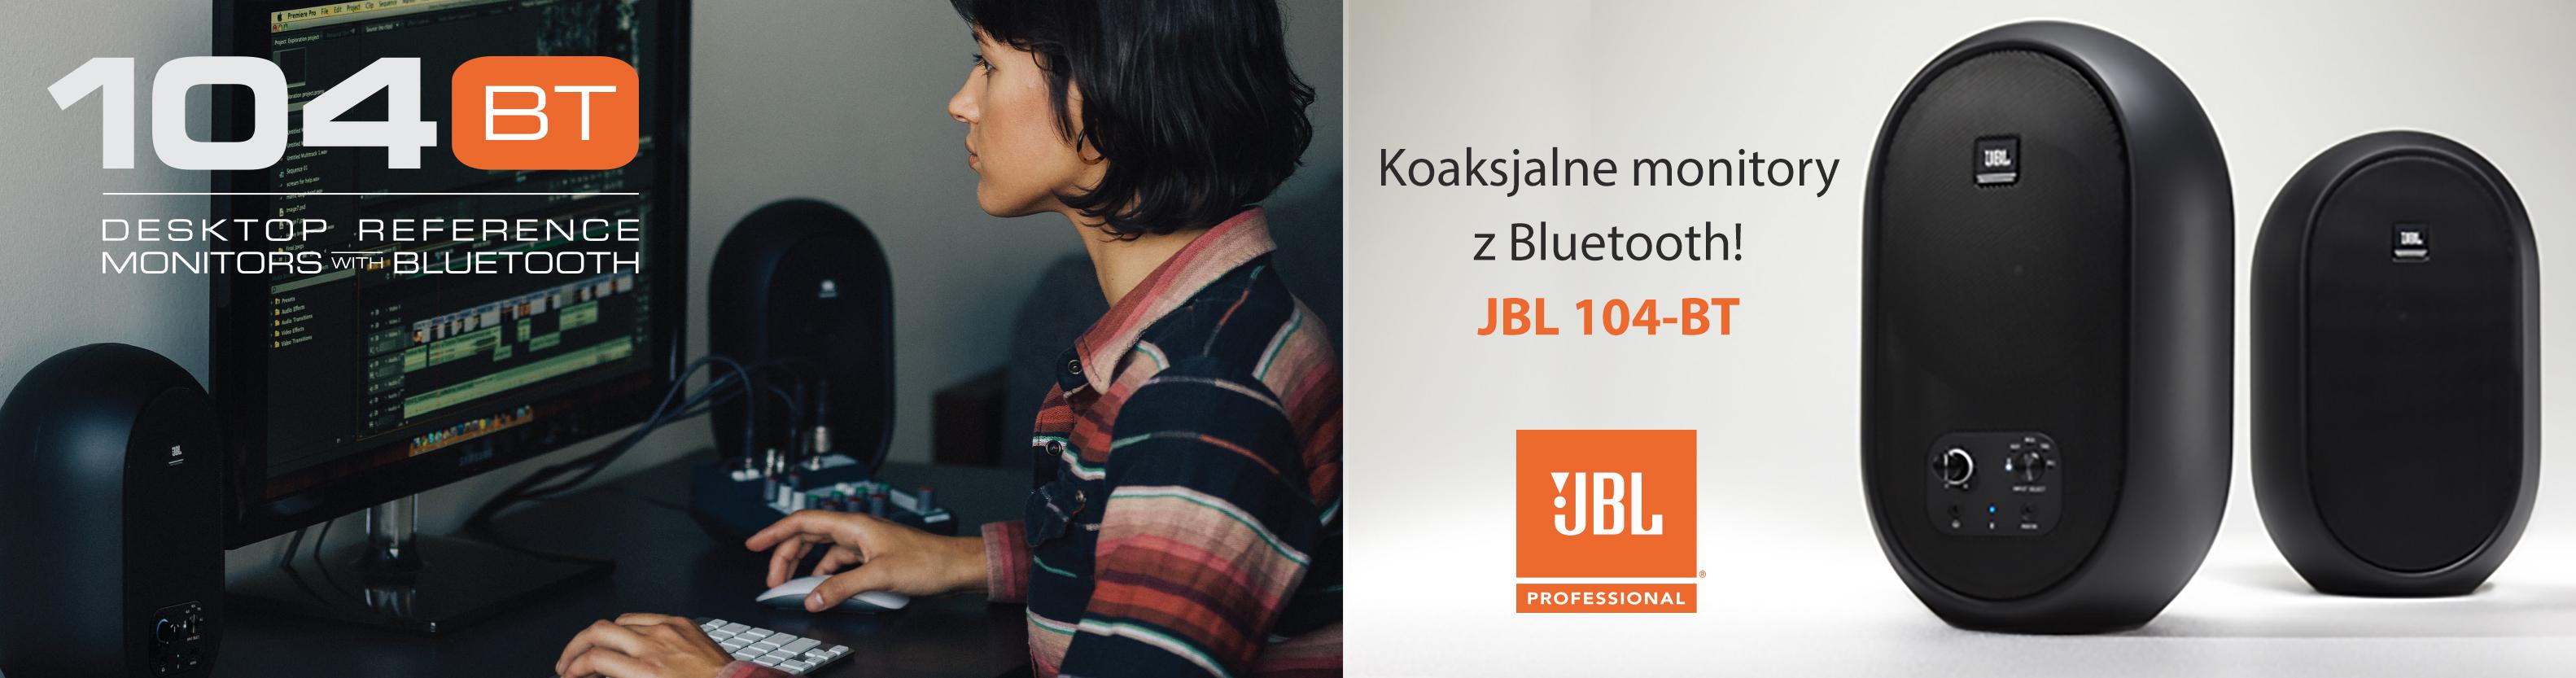 Koaksjalne monitory z Bluetooth! JBL 104-BT